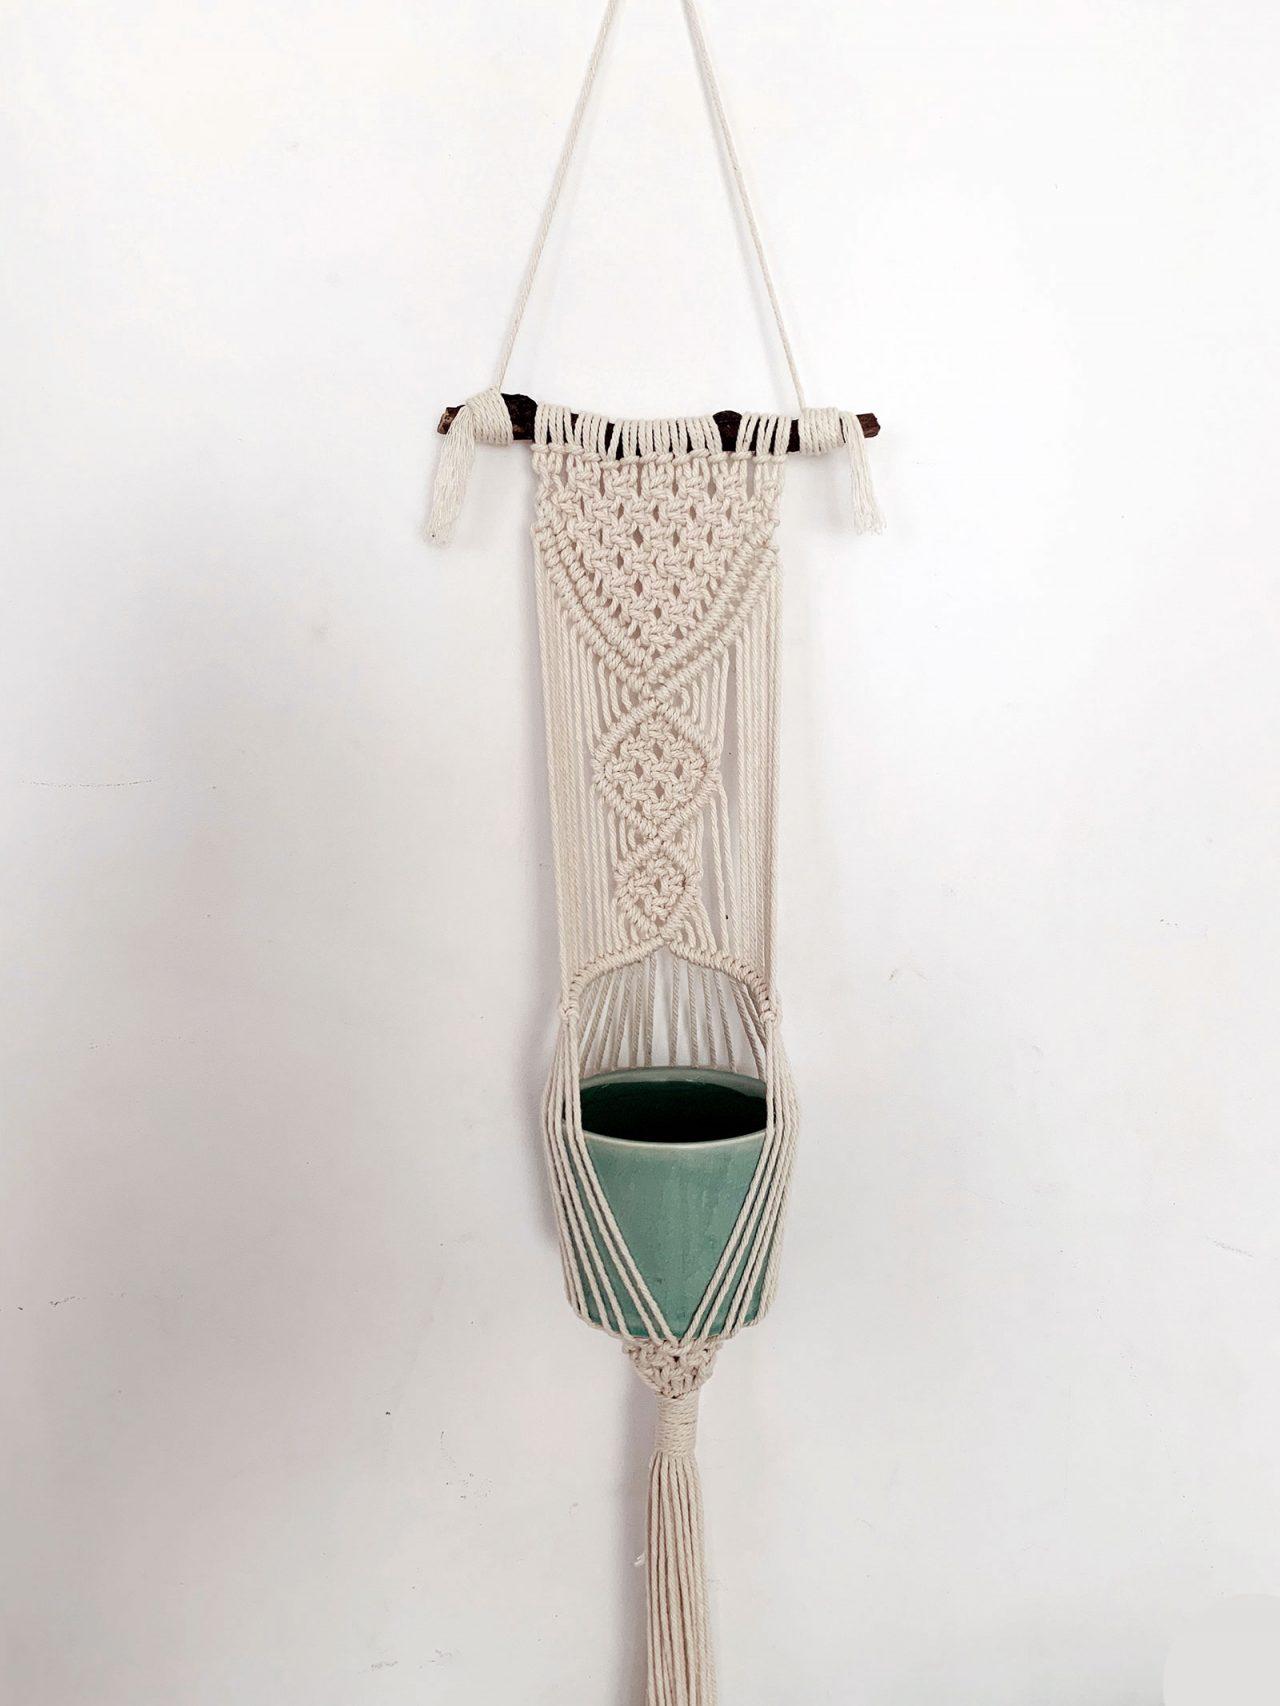 Suspension macramé hanger pour plantes La Revue Vertu